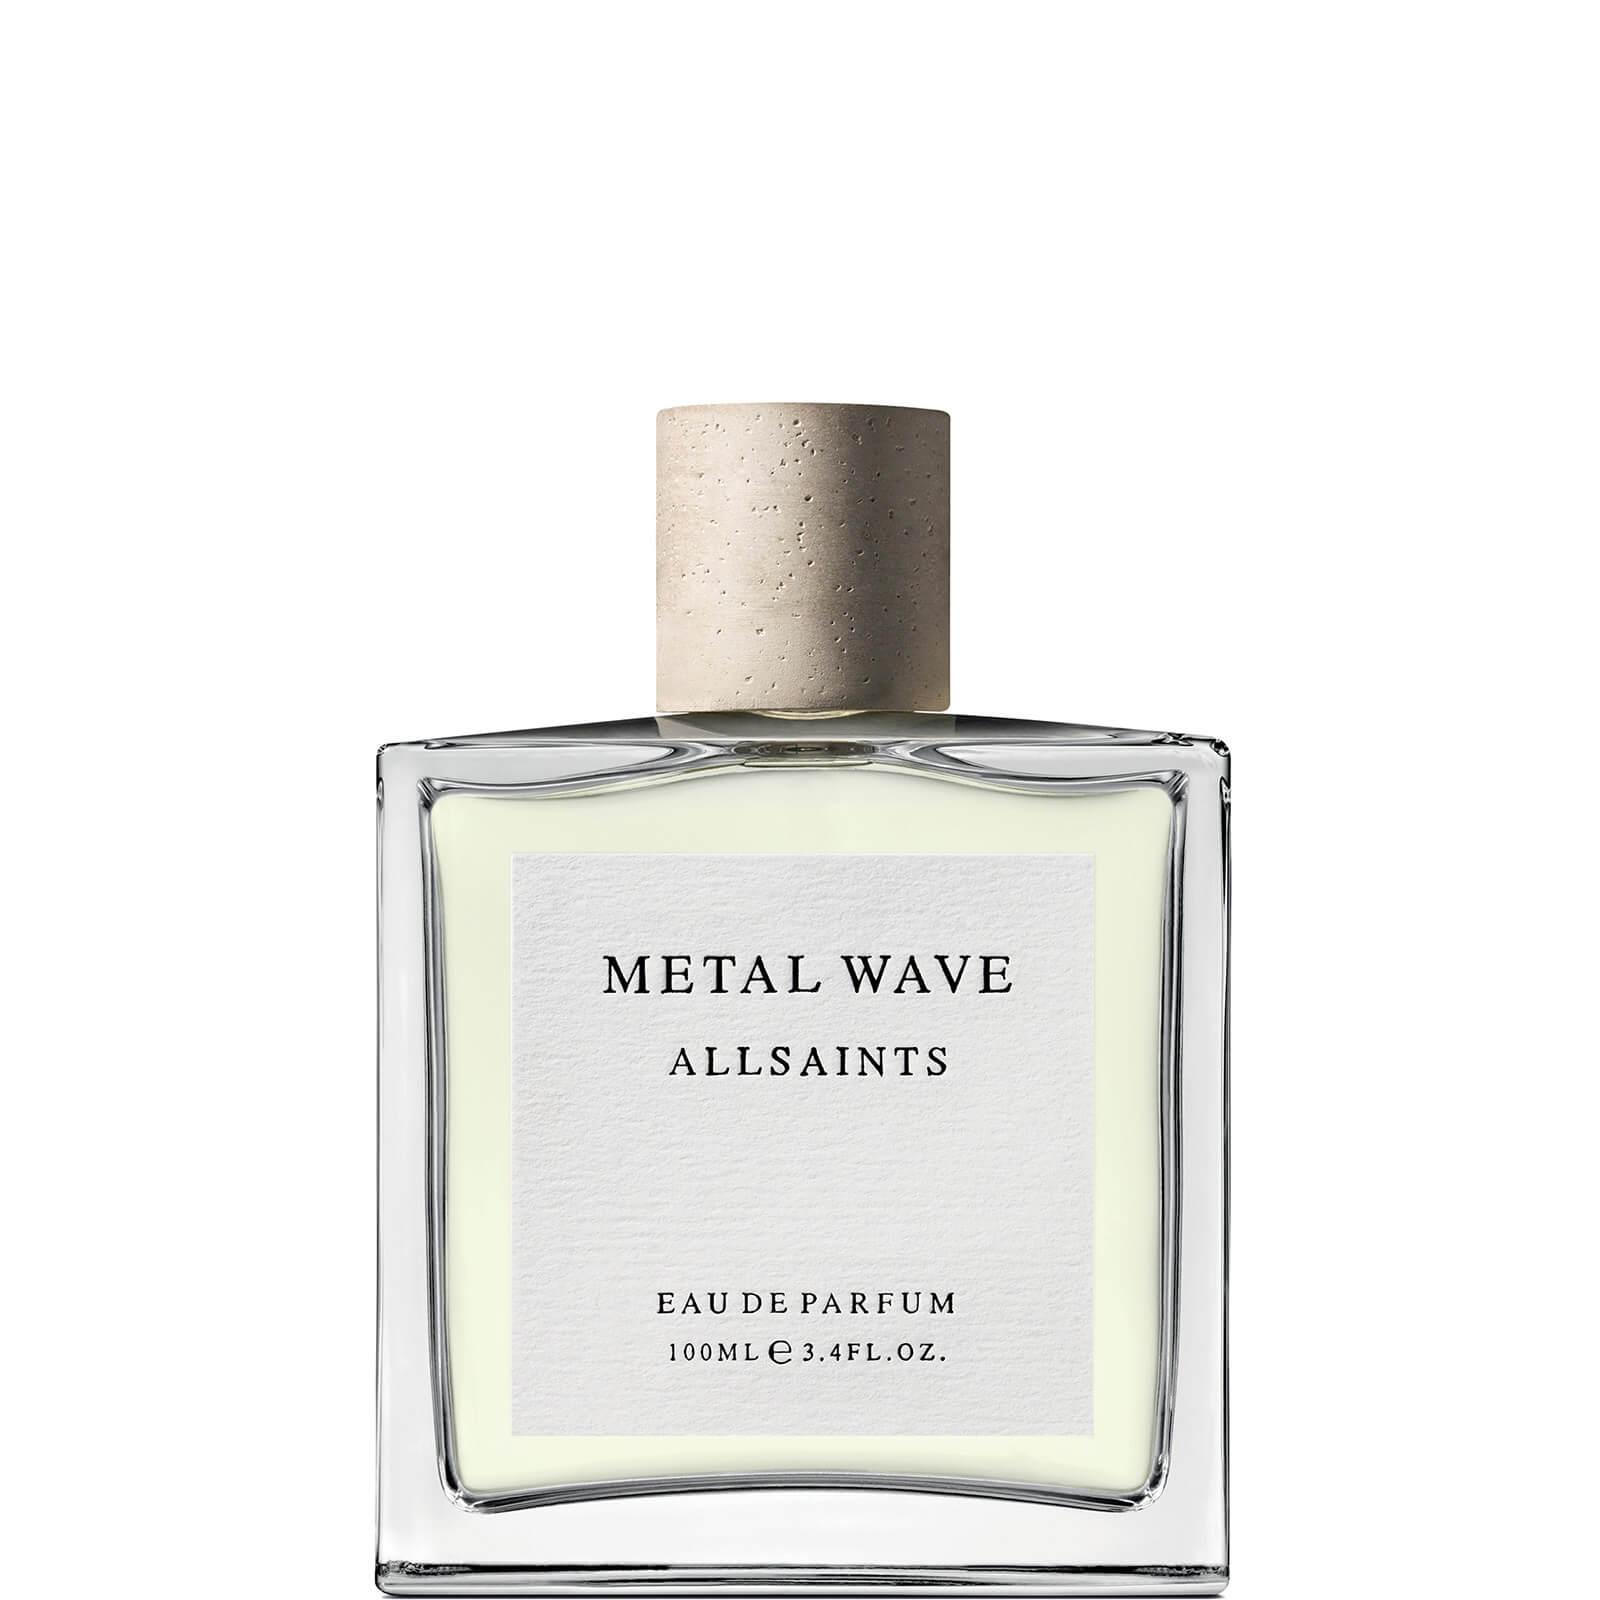 AllSaints Metal Wave Eau de Parfum 100ml